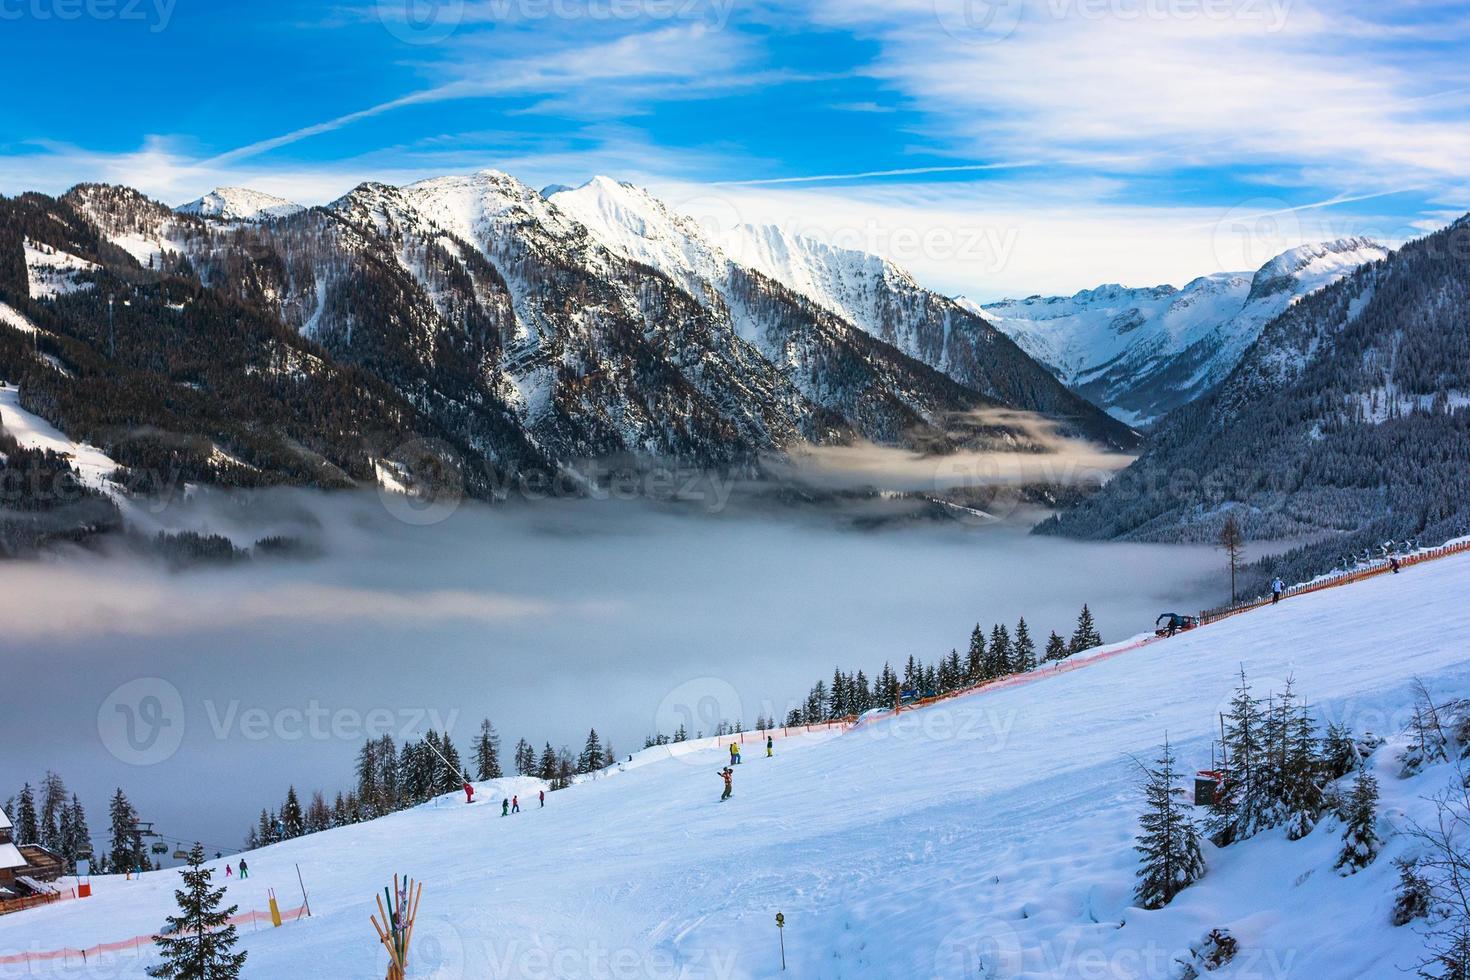 Berge Skigebiet in Österreich - foto